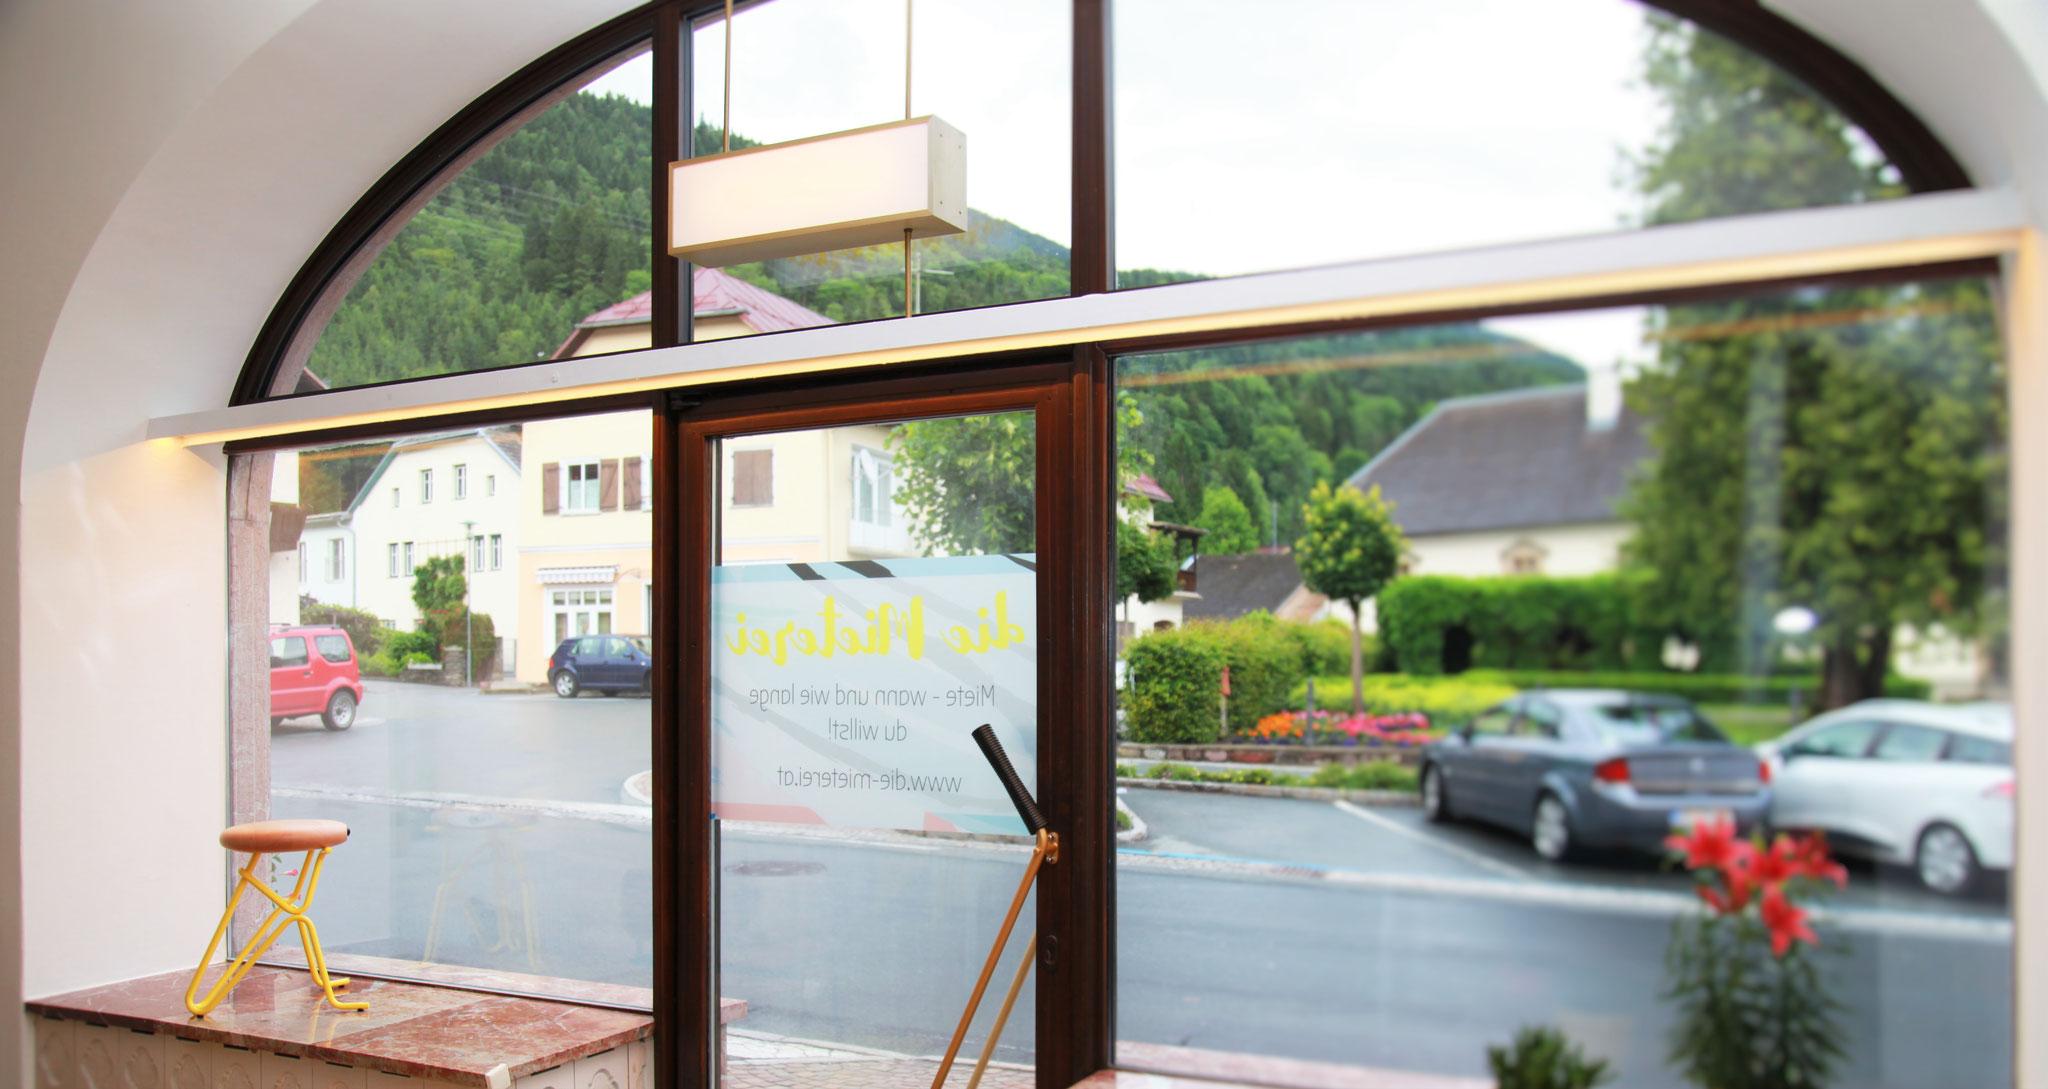 Blick aus dem Schaufenster